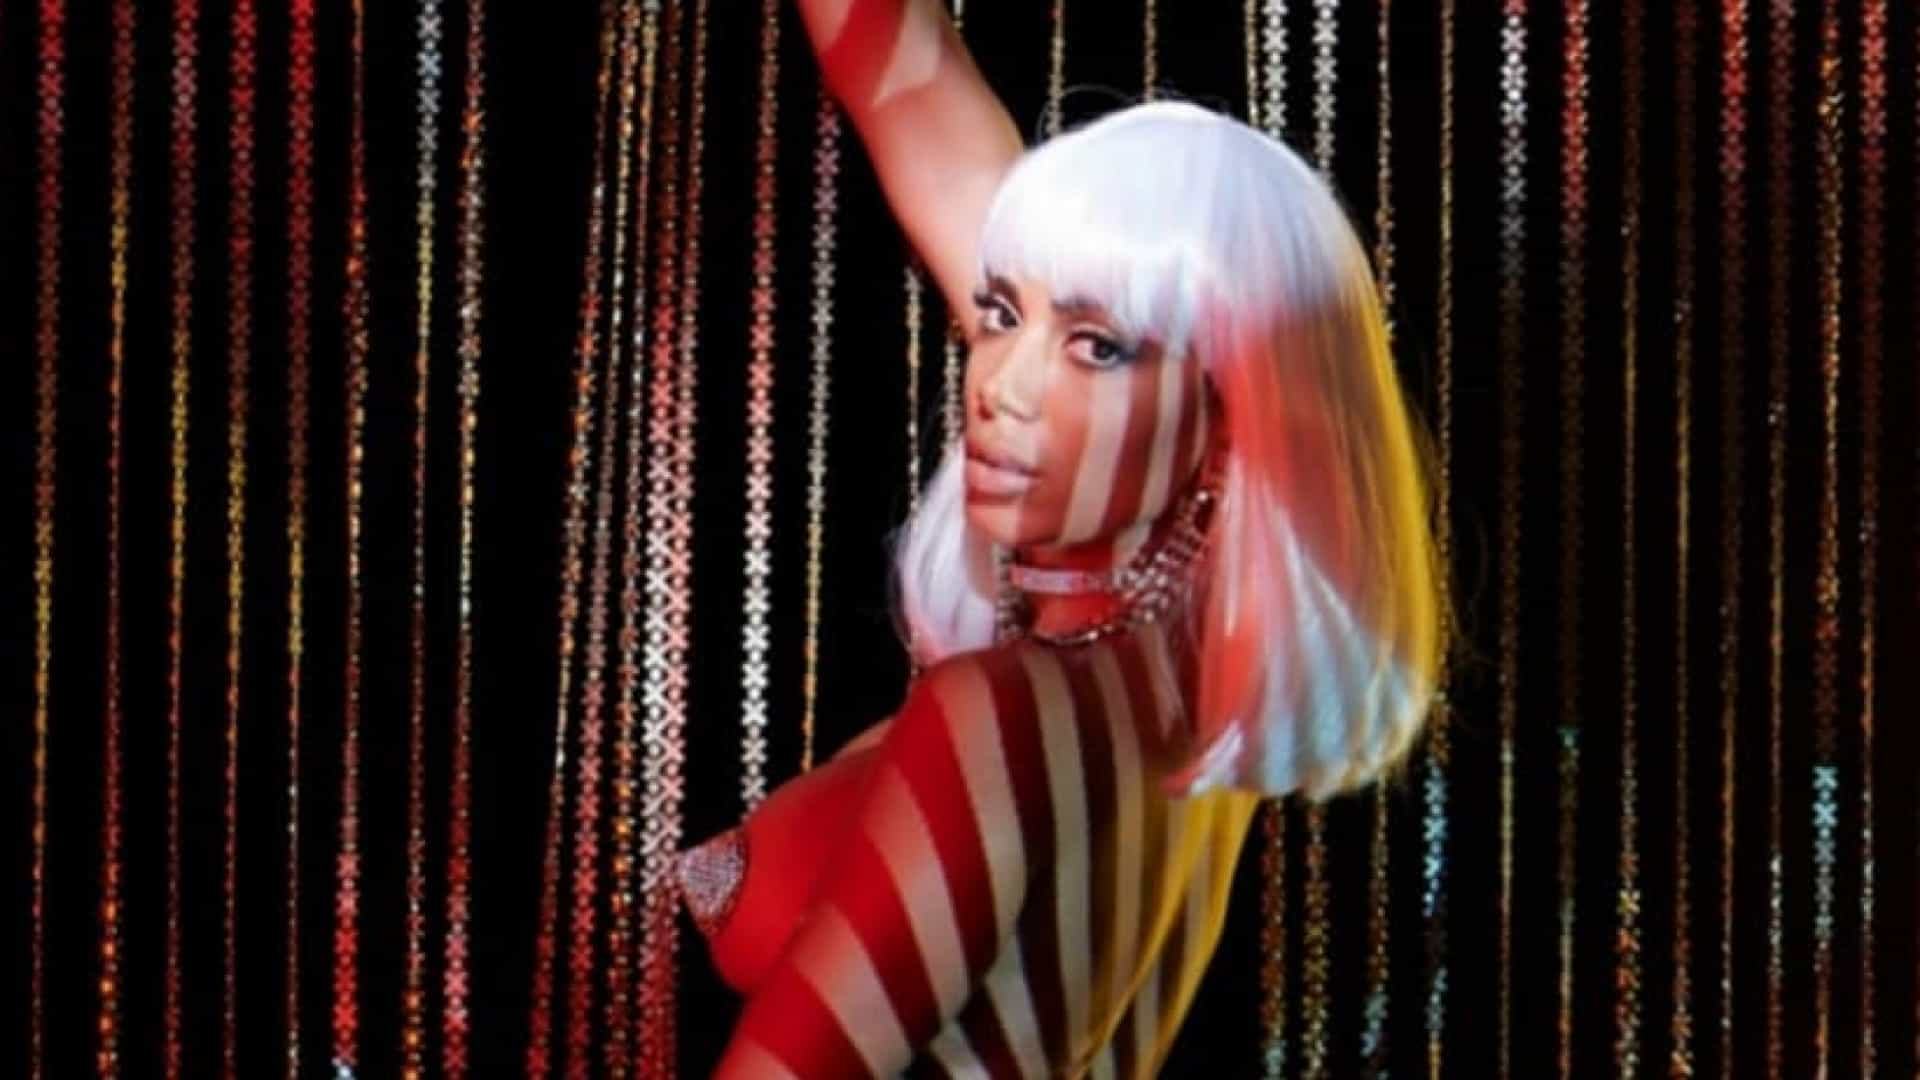 Anitta detalha versões de si que mostrará em novo álbum